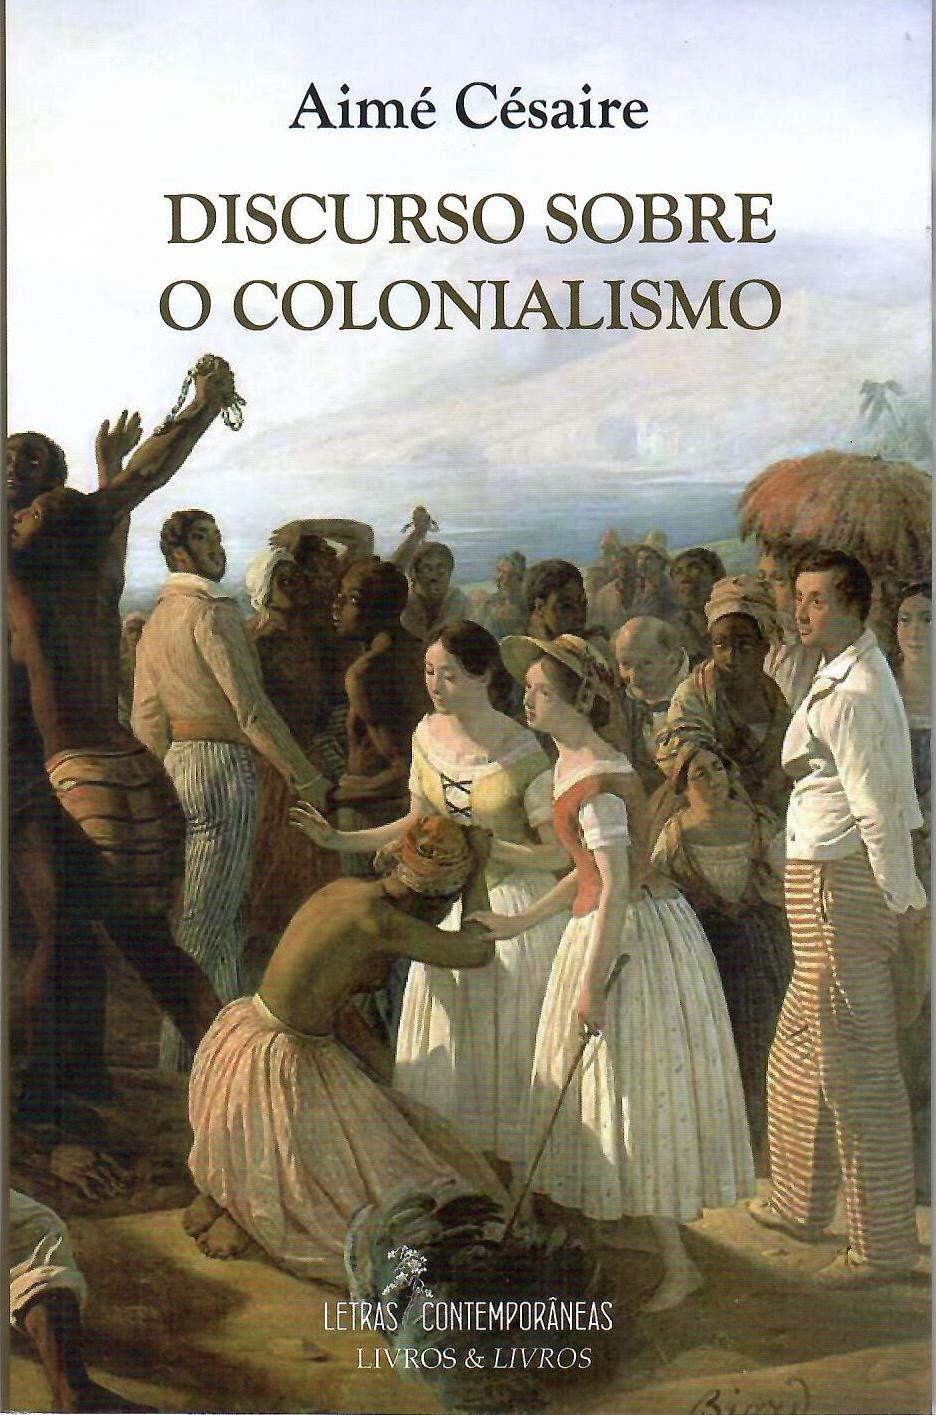 Discurso Sobre o Colonialismo - 9788576620570 - Livros na Amazon Brasil